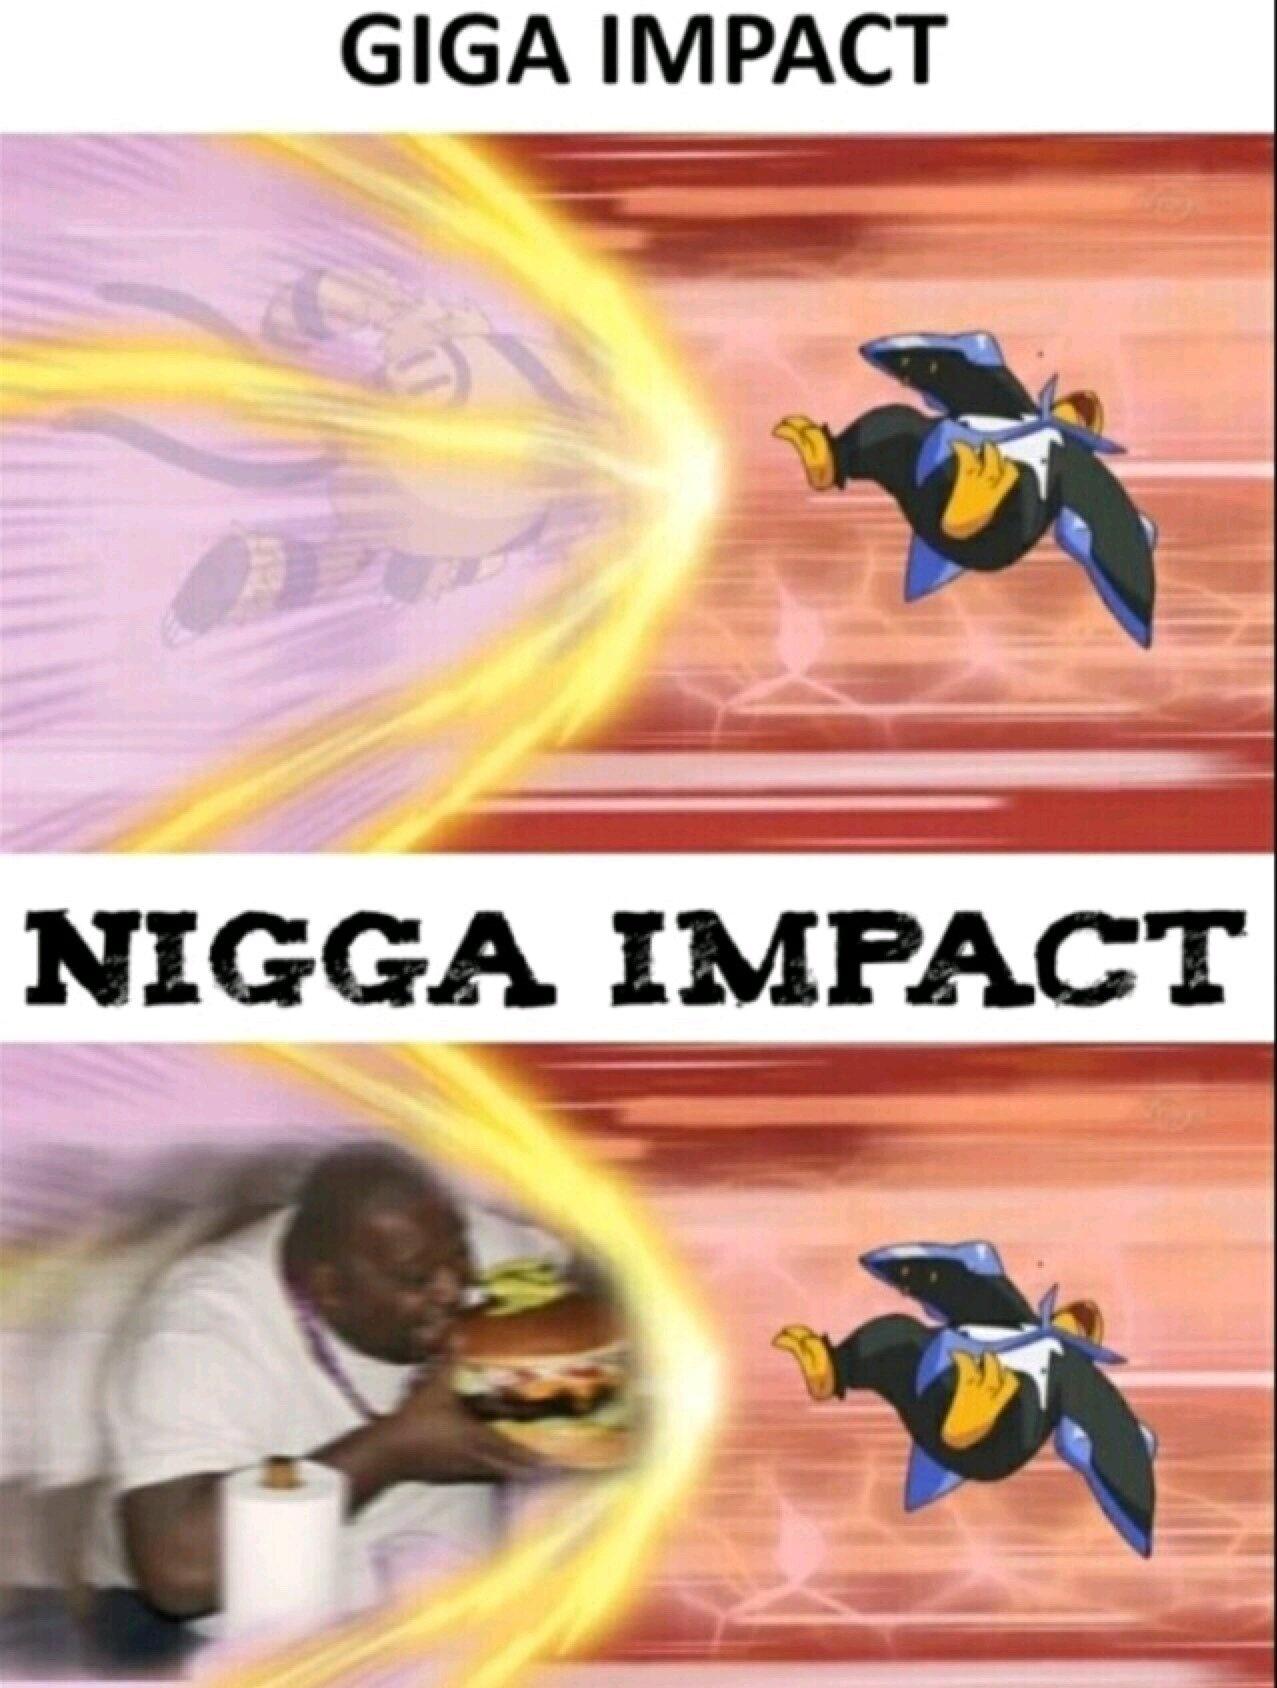 Nigga impact